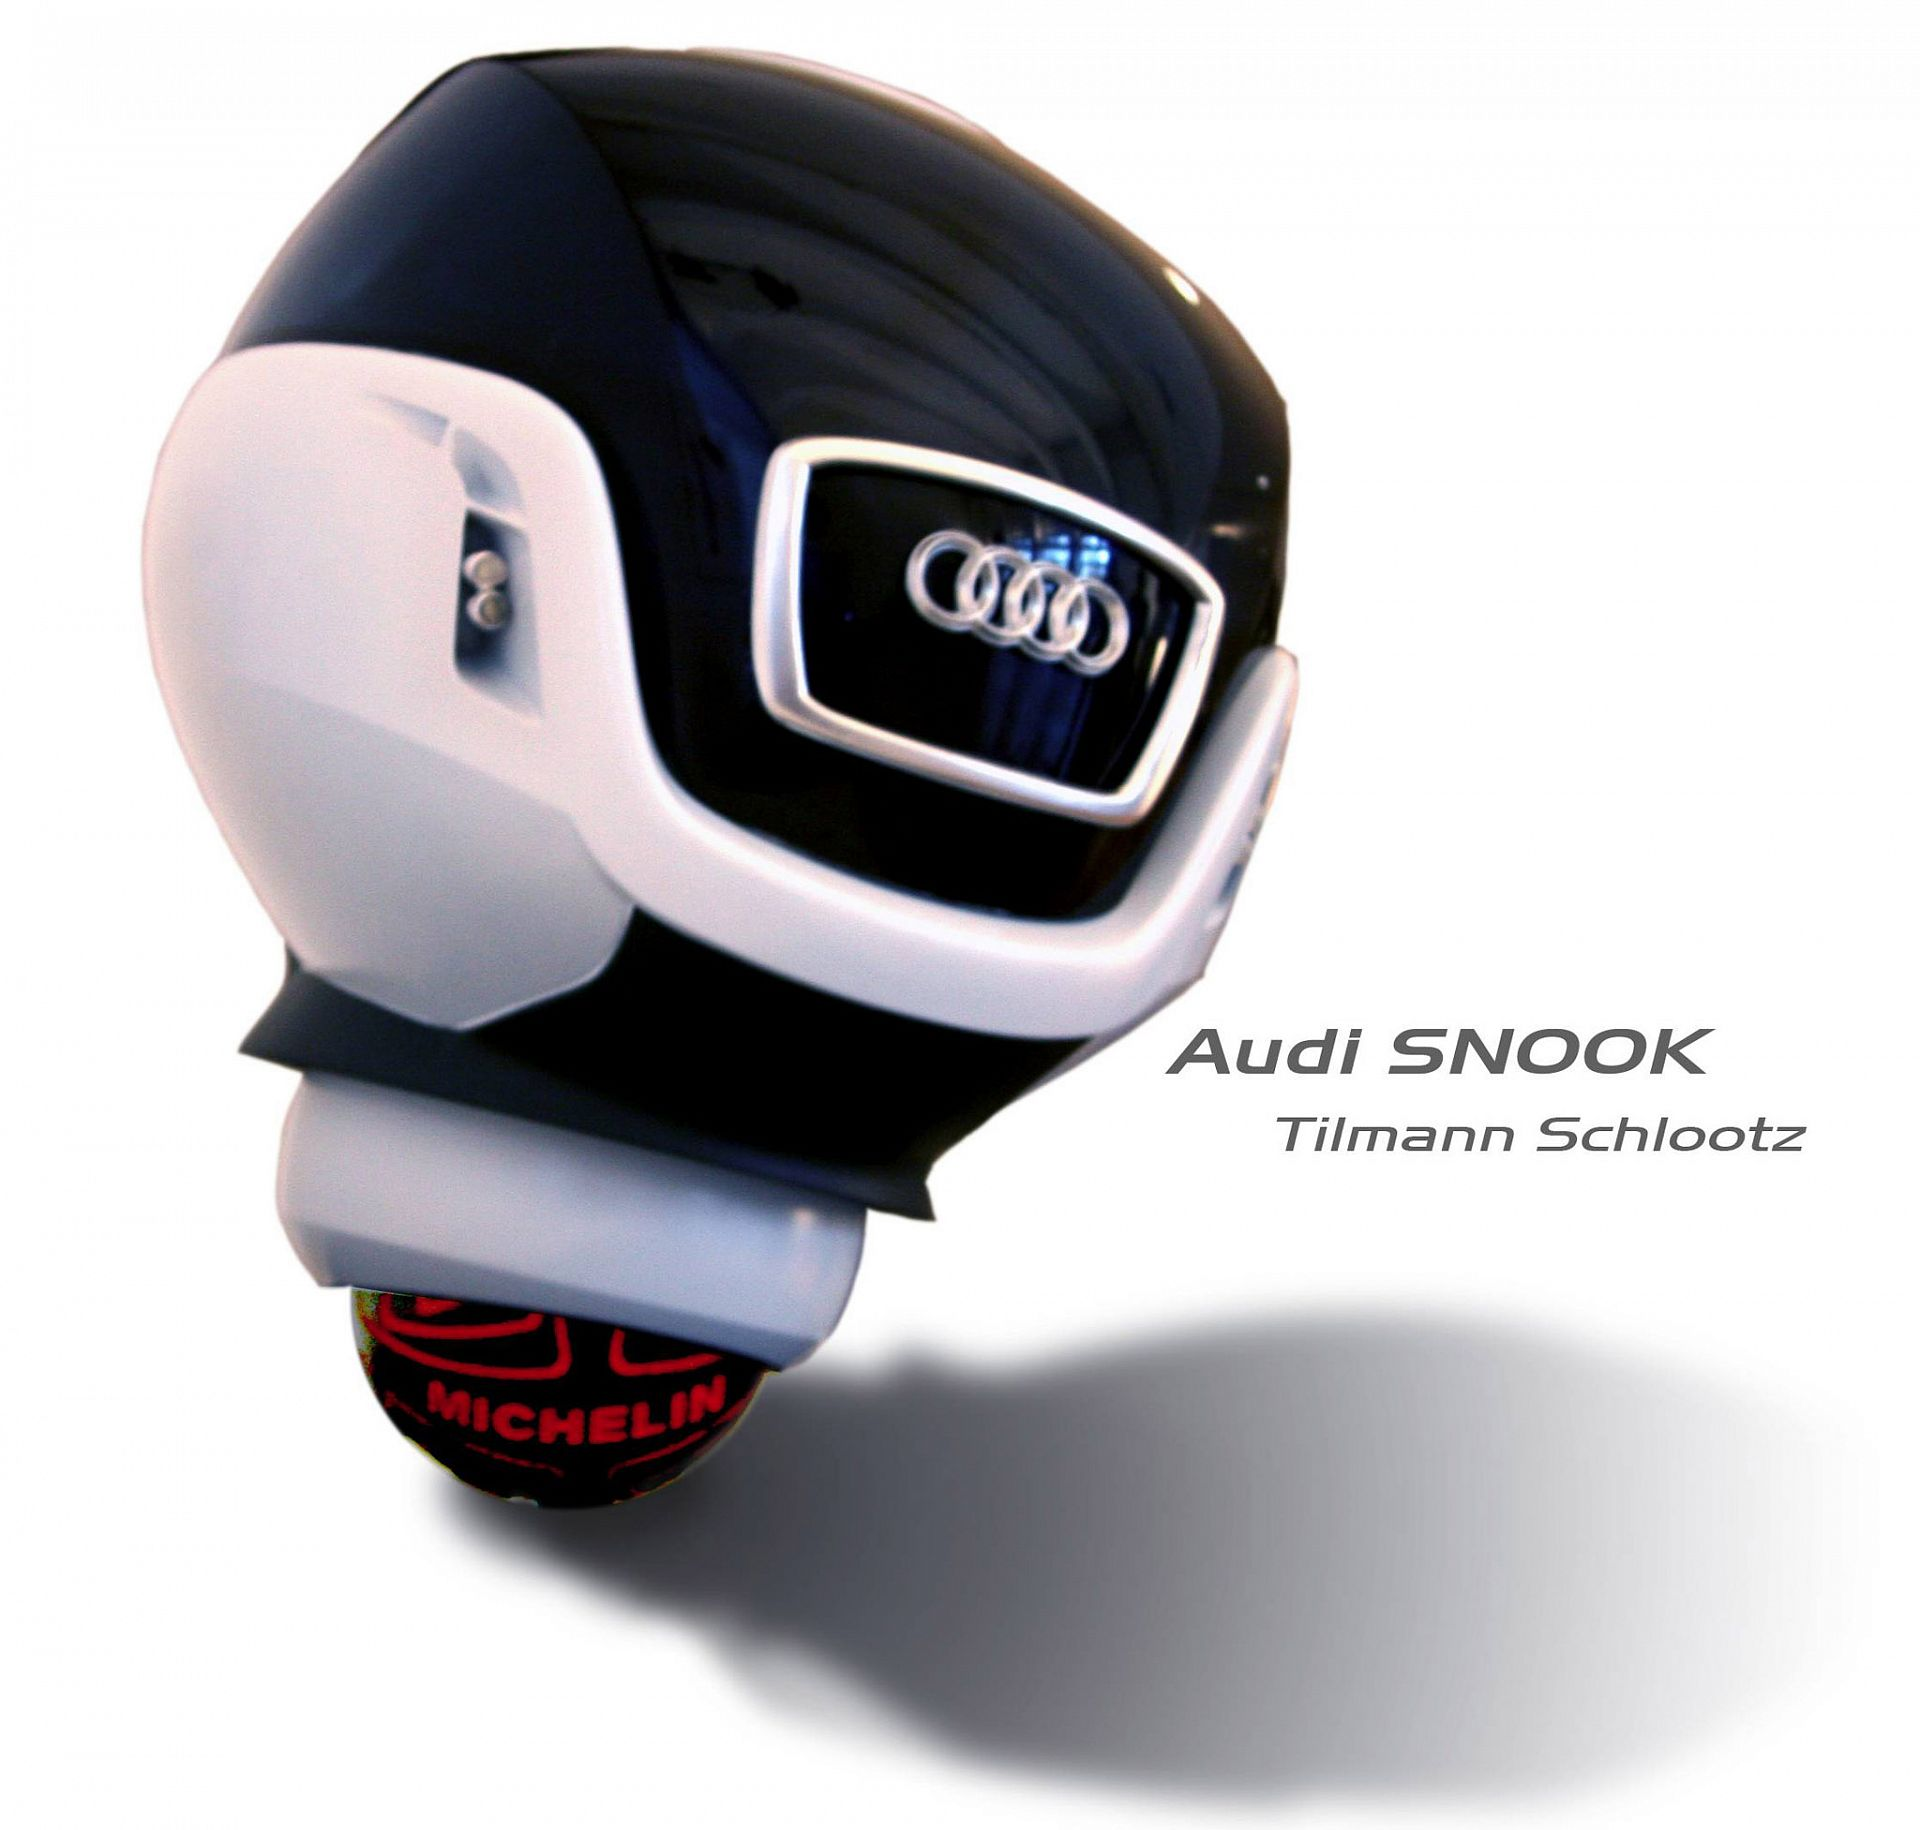 концепткар Audi Snook